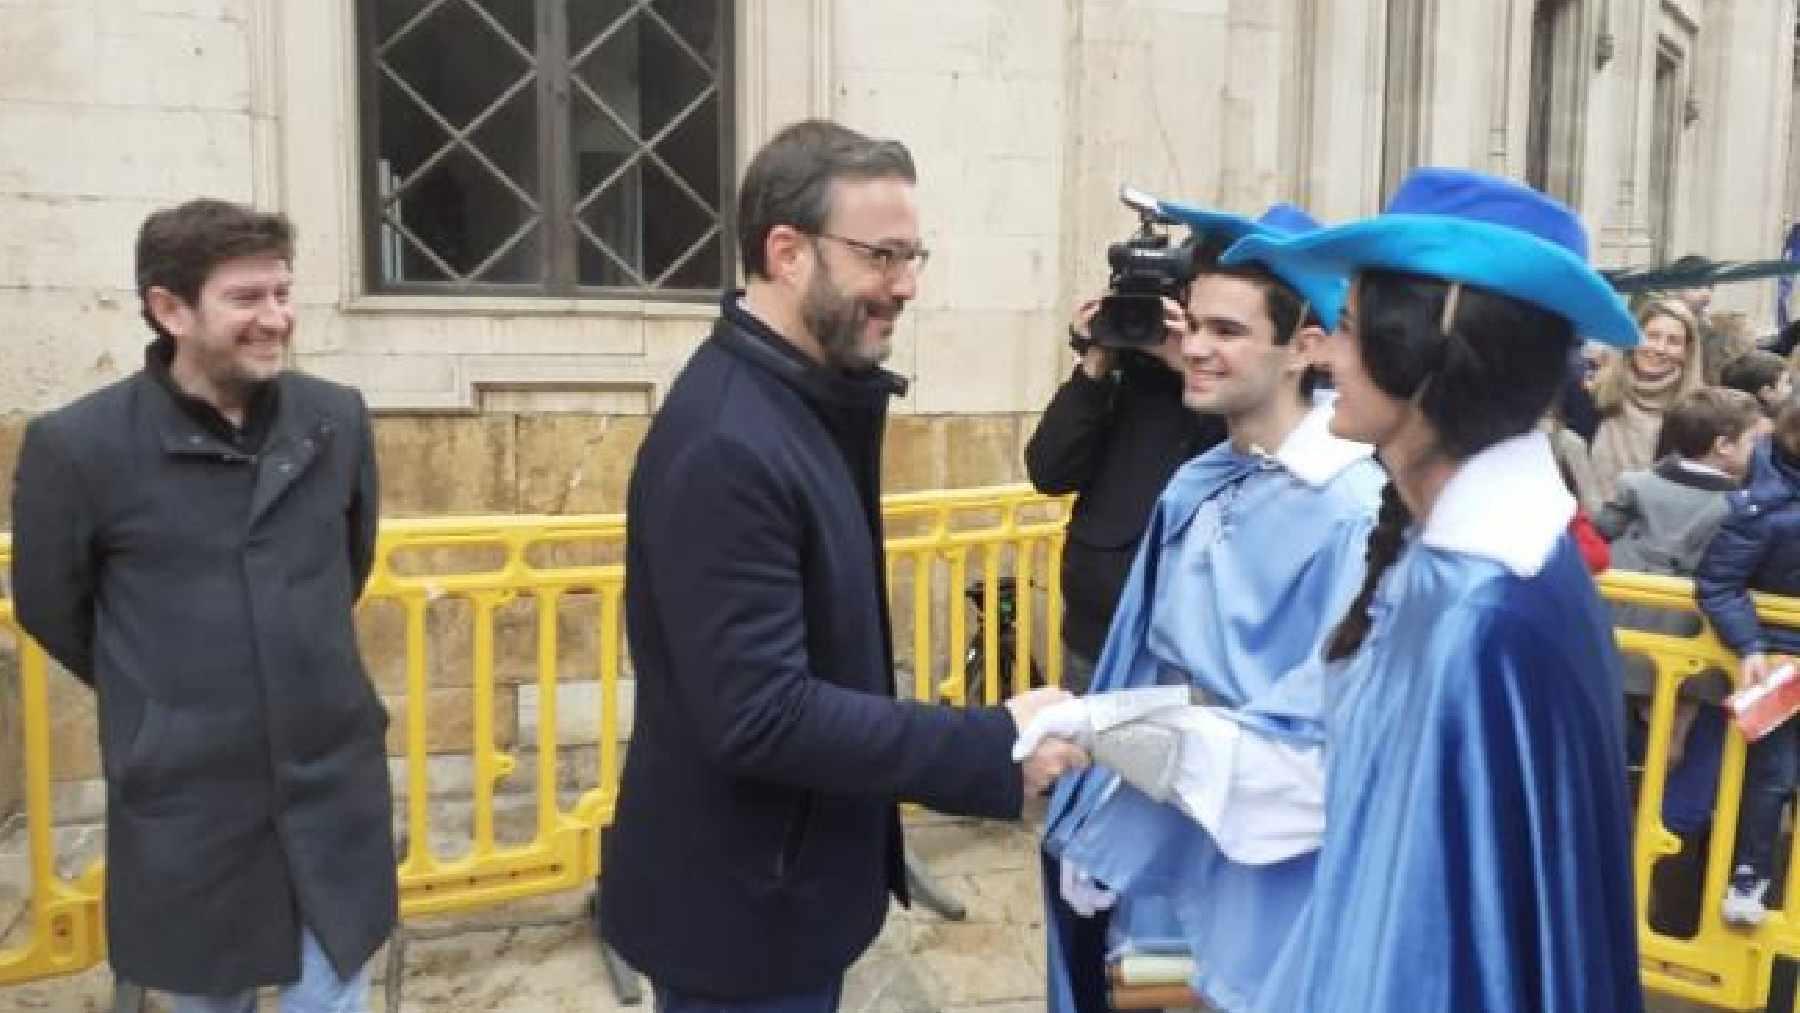 El alcalde de Palma, Jose Hila (PSOE) y el edil Alberto Jarabo (UP) en la tradicional bienvenida a los pajes reales.